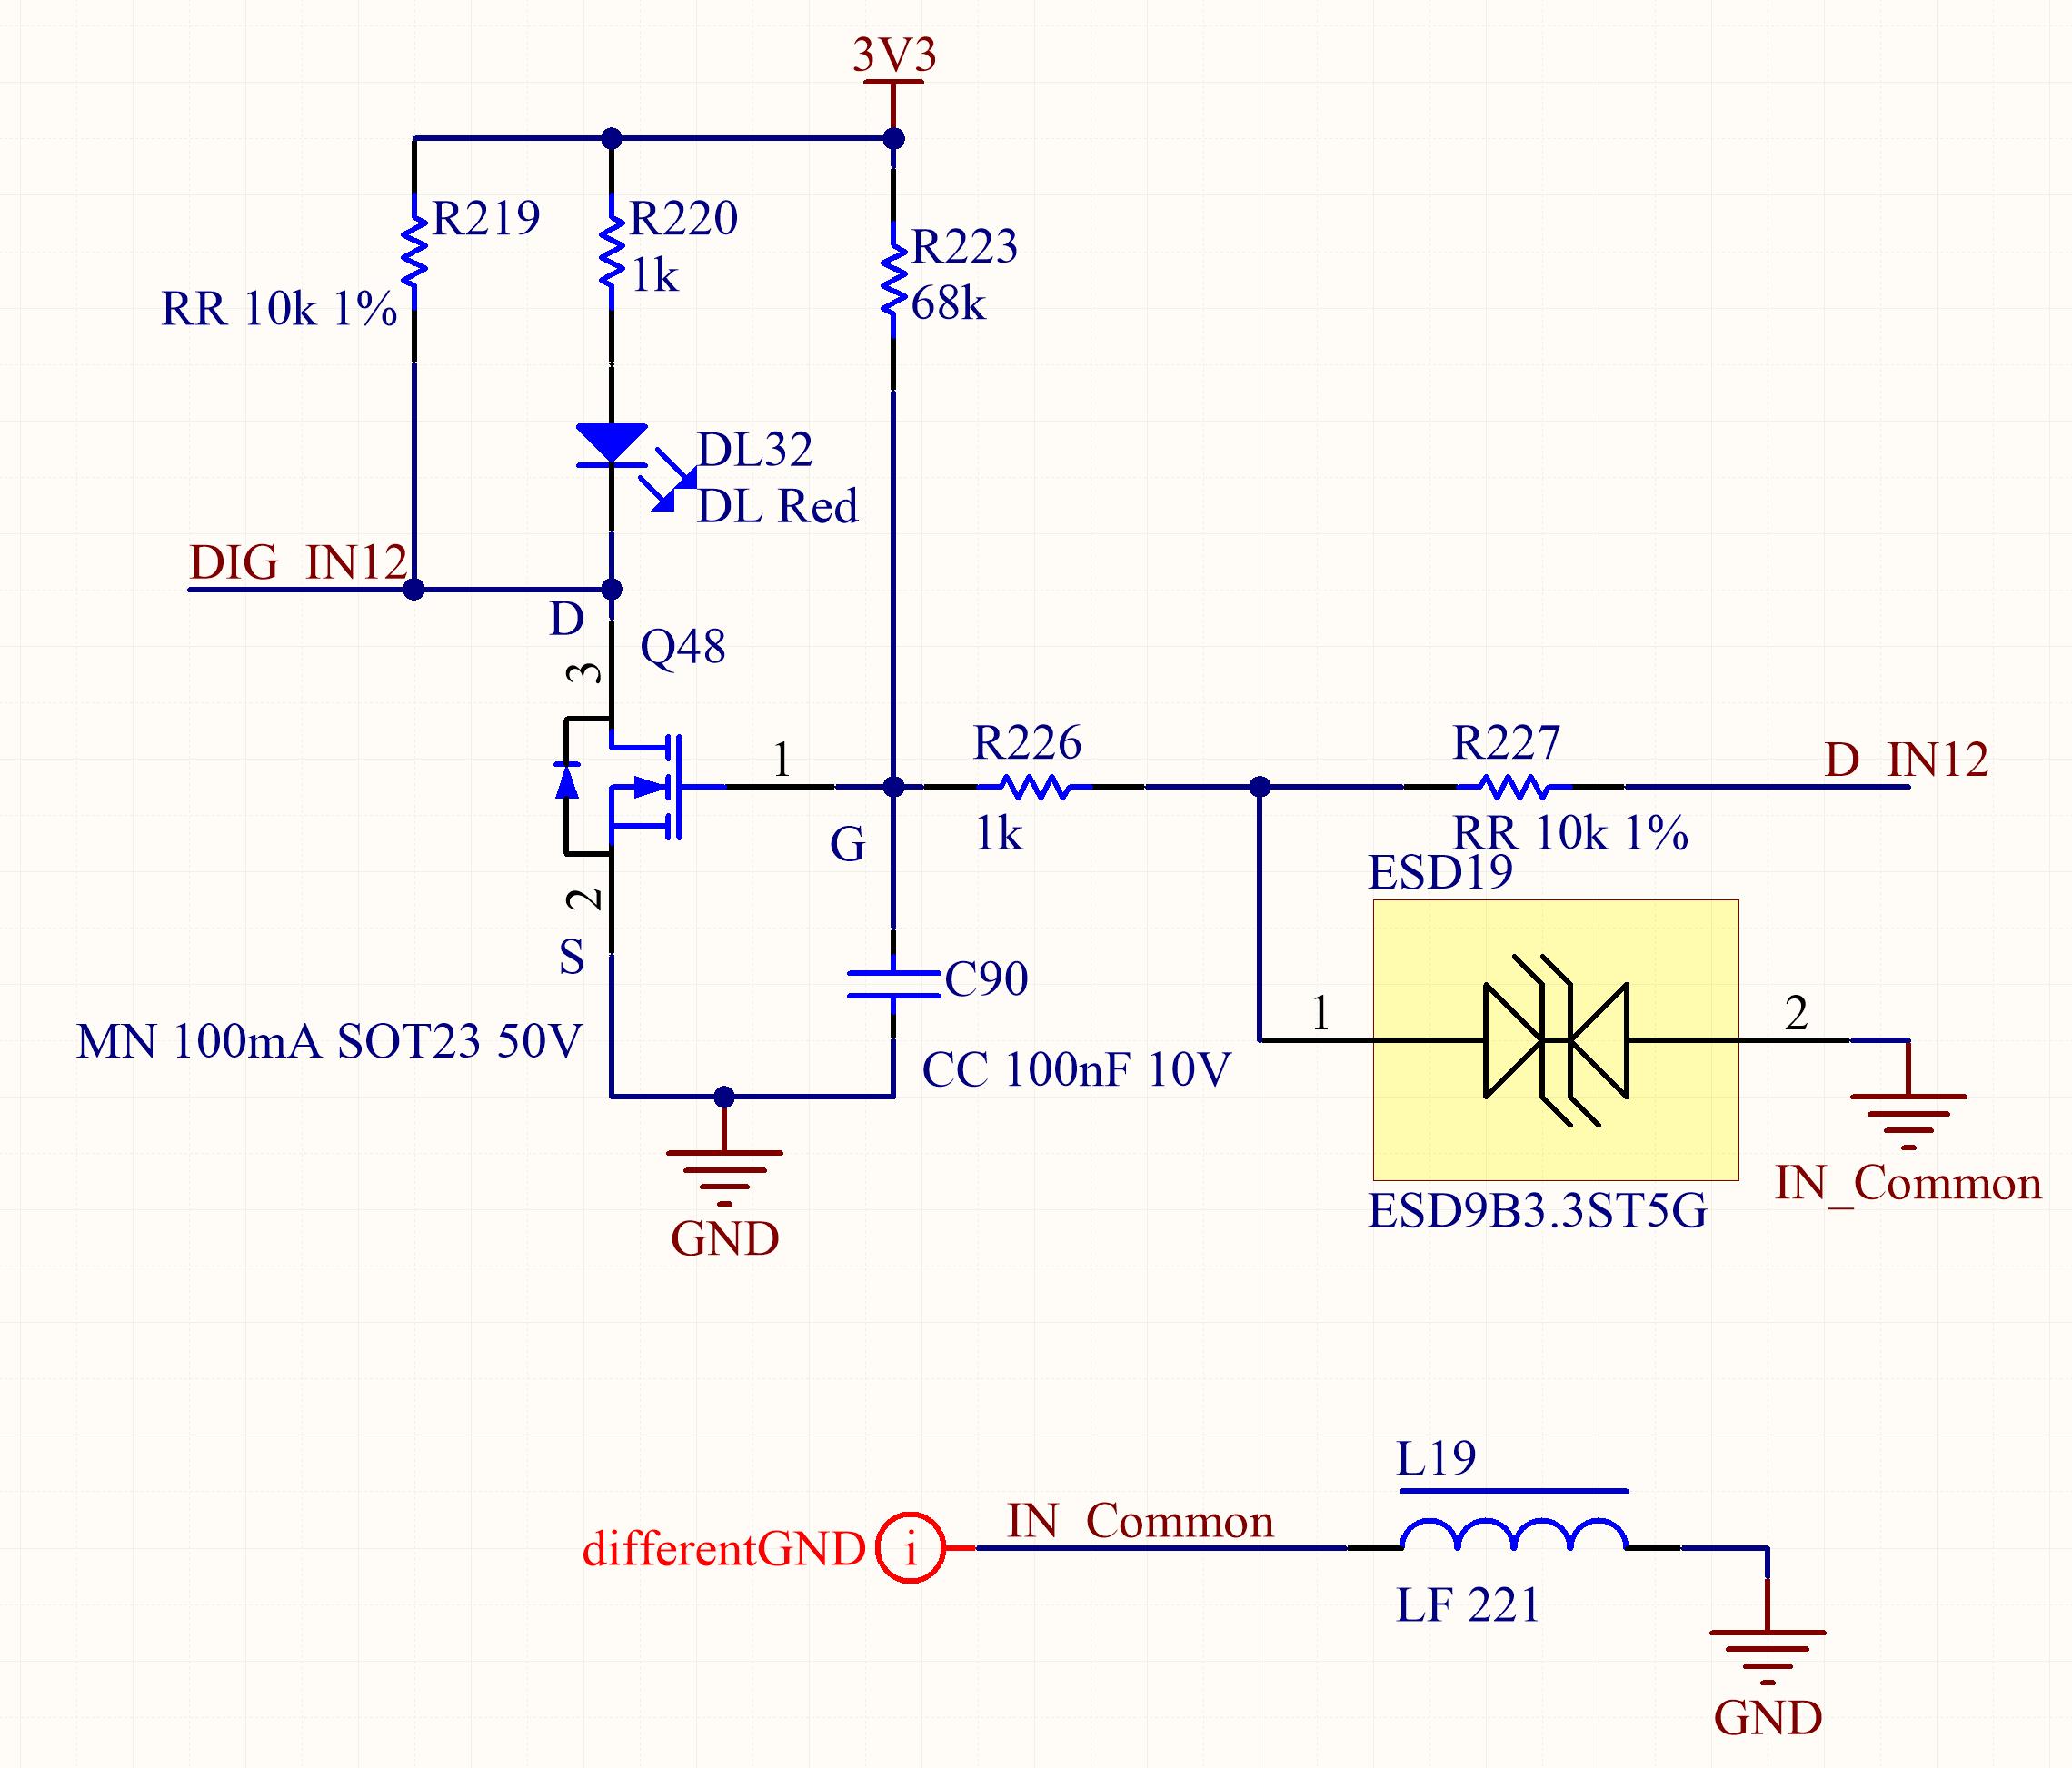 How to design the GPIO circuitry